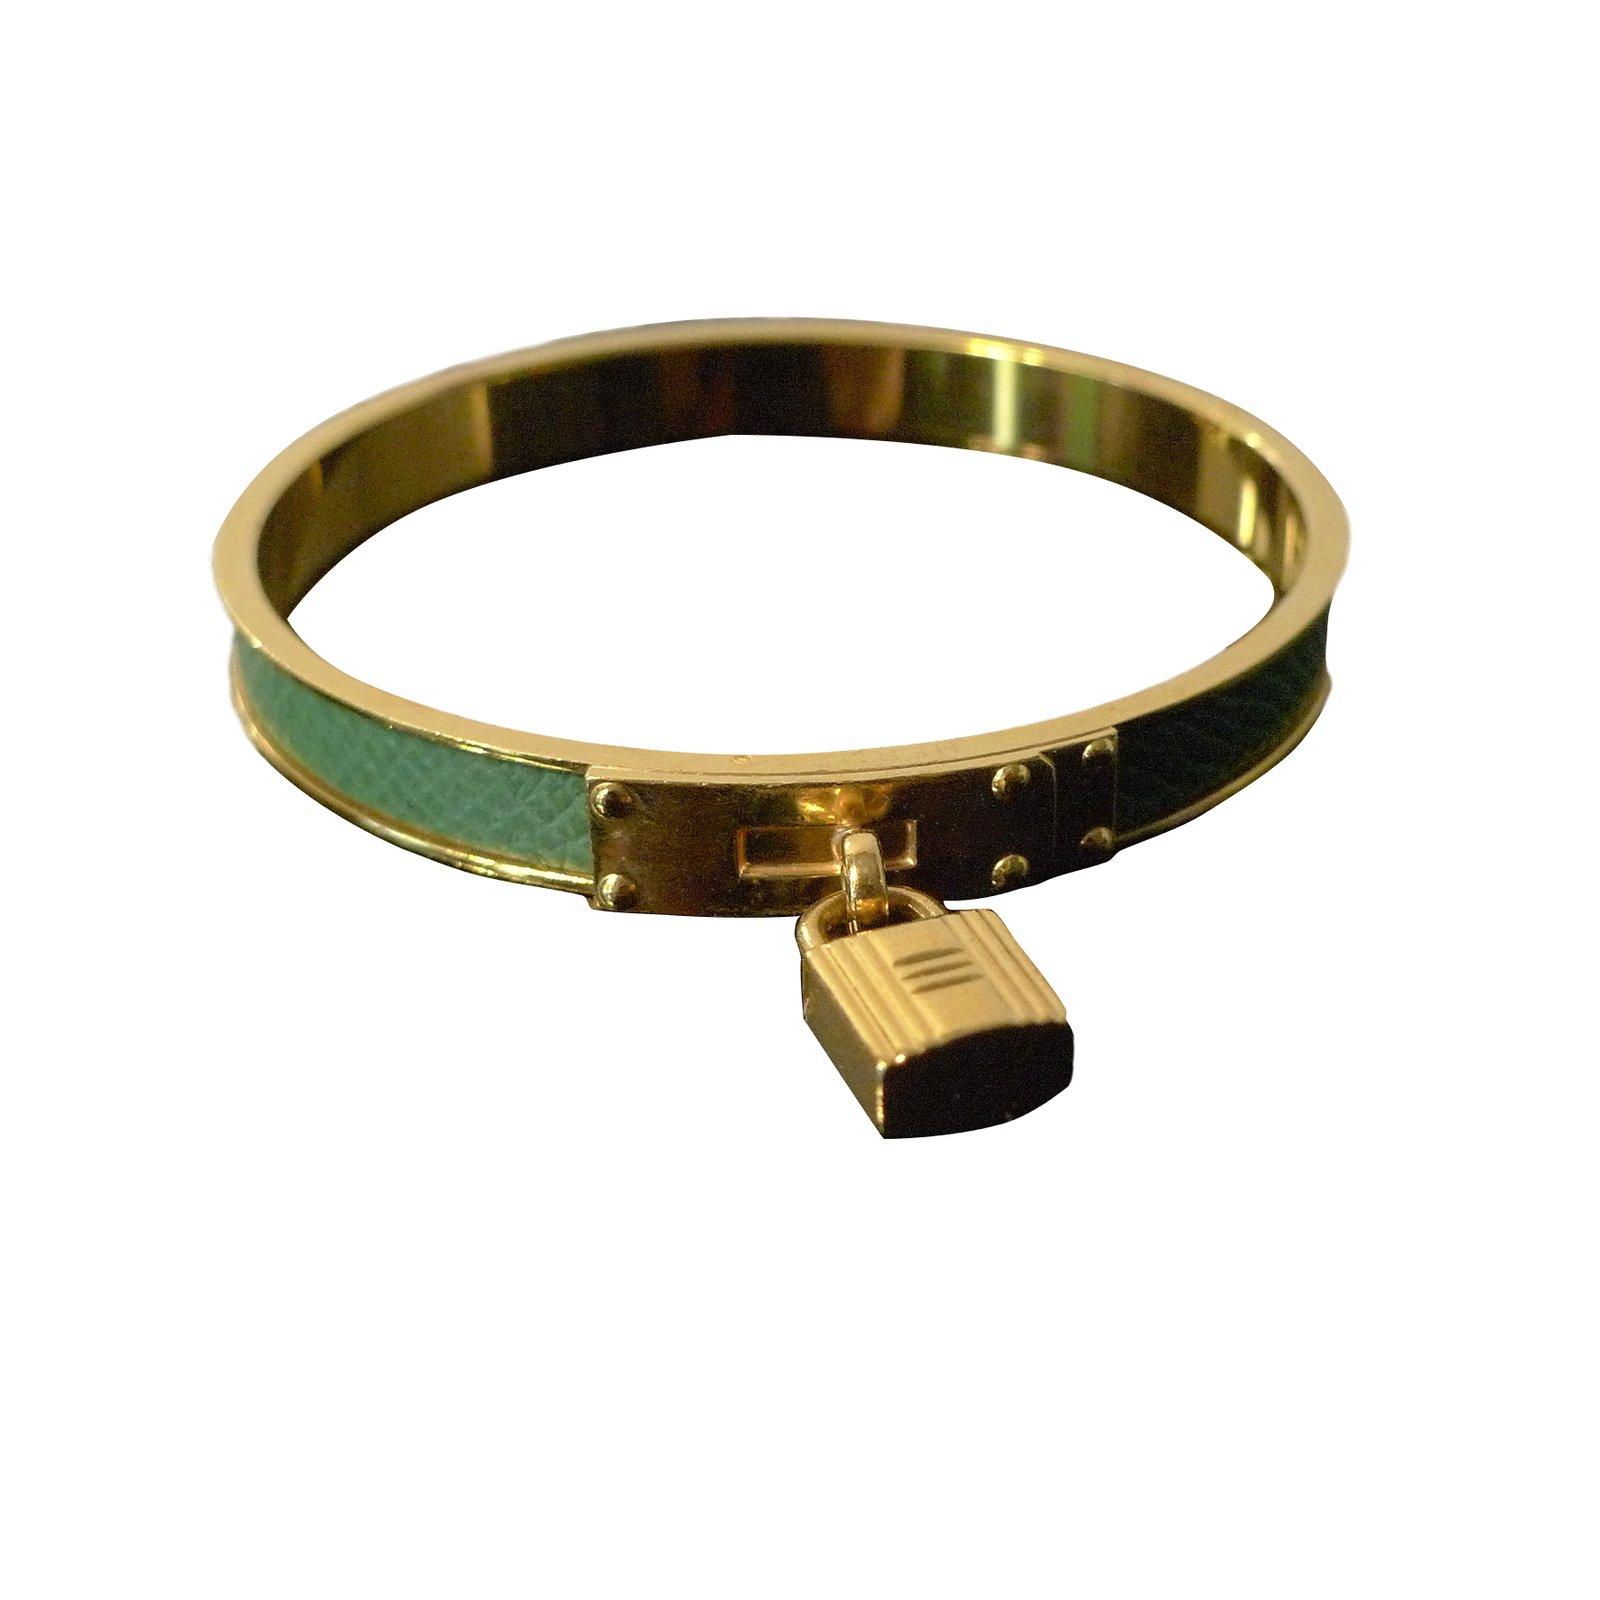 becf37a3d3af Bracelets Hermès Bracelet Kelly Hermès vintage en plaqué or et cuir vert  Plaqué or Doré ref